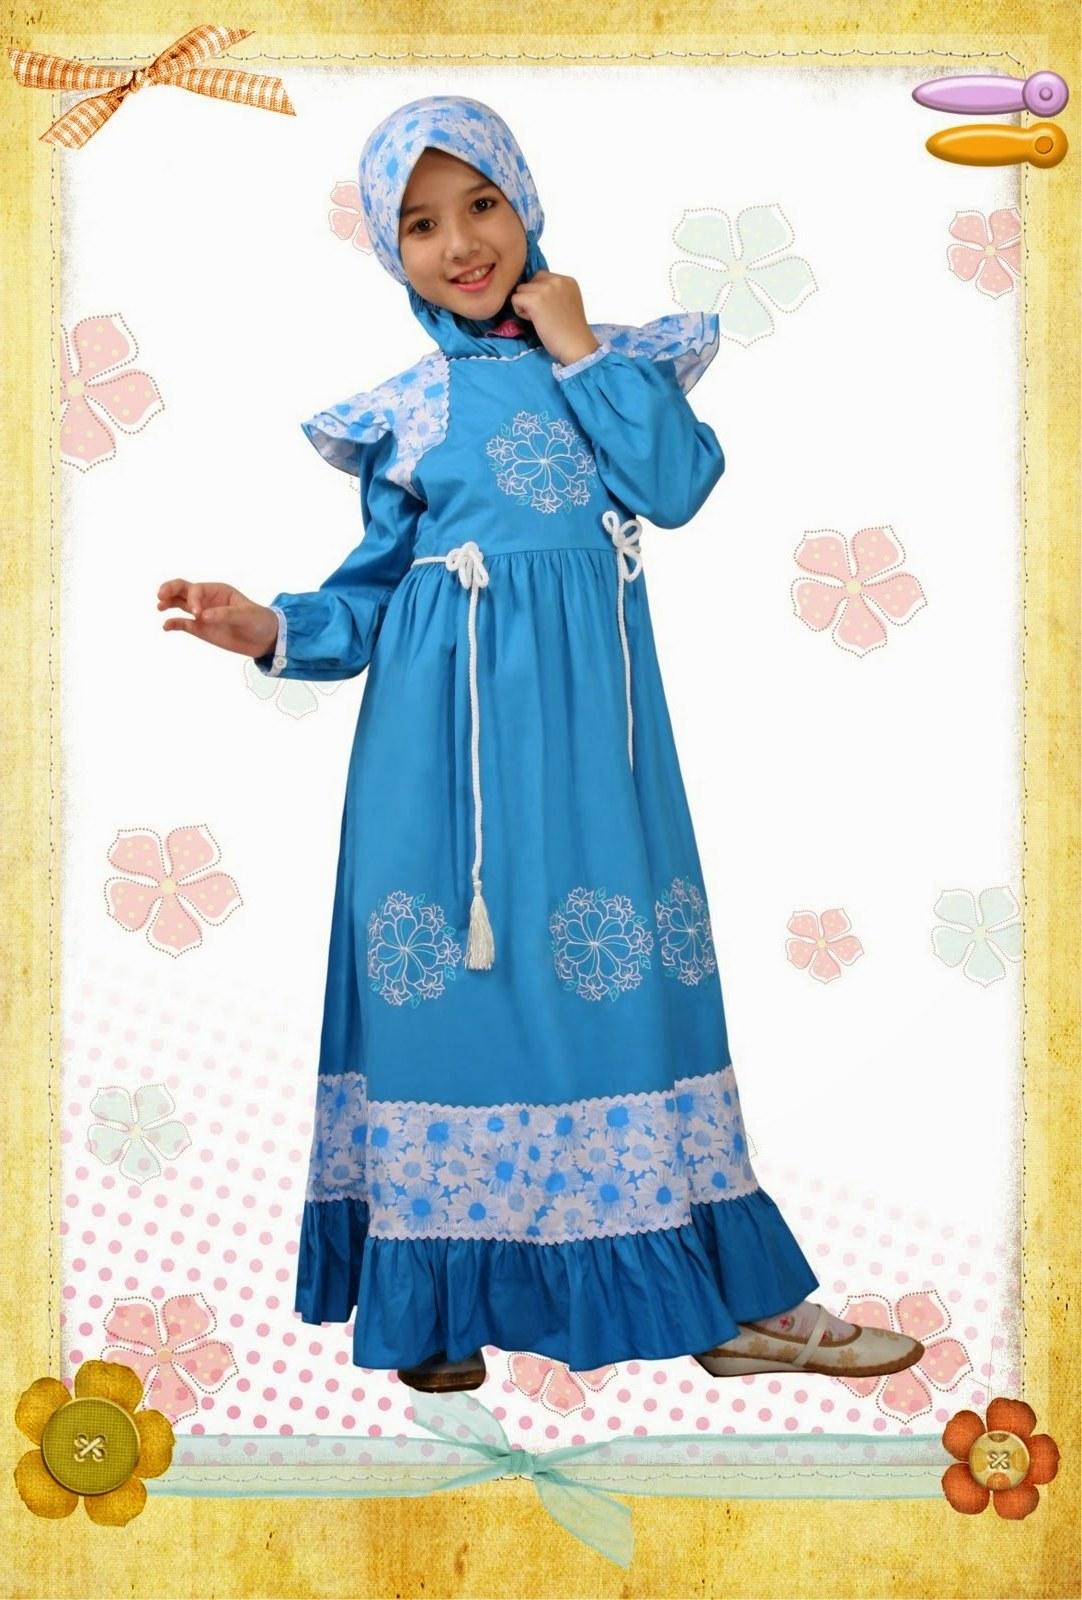 Bentuk Model Baju Lebaran Untuk Anak Perempuan U3dh Model Baju Pesta Muslim Anak Perempuan Model Baju Pesta